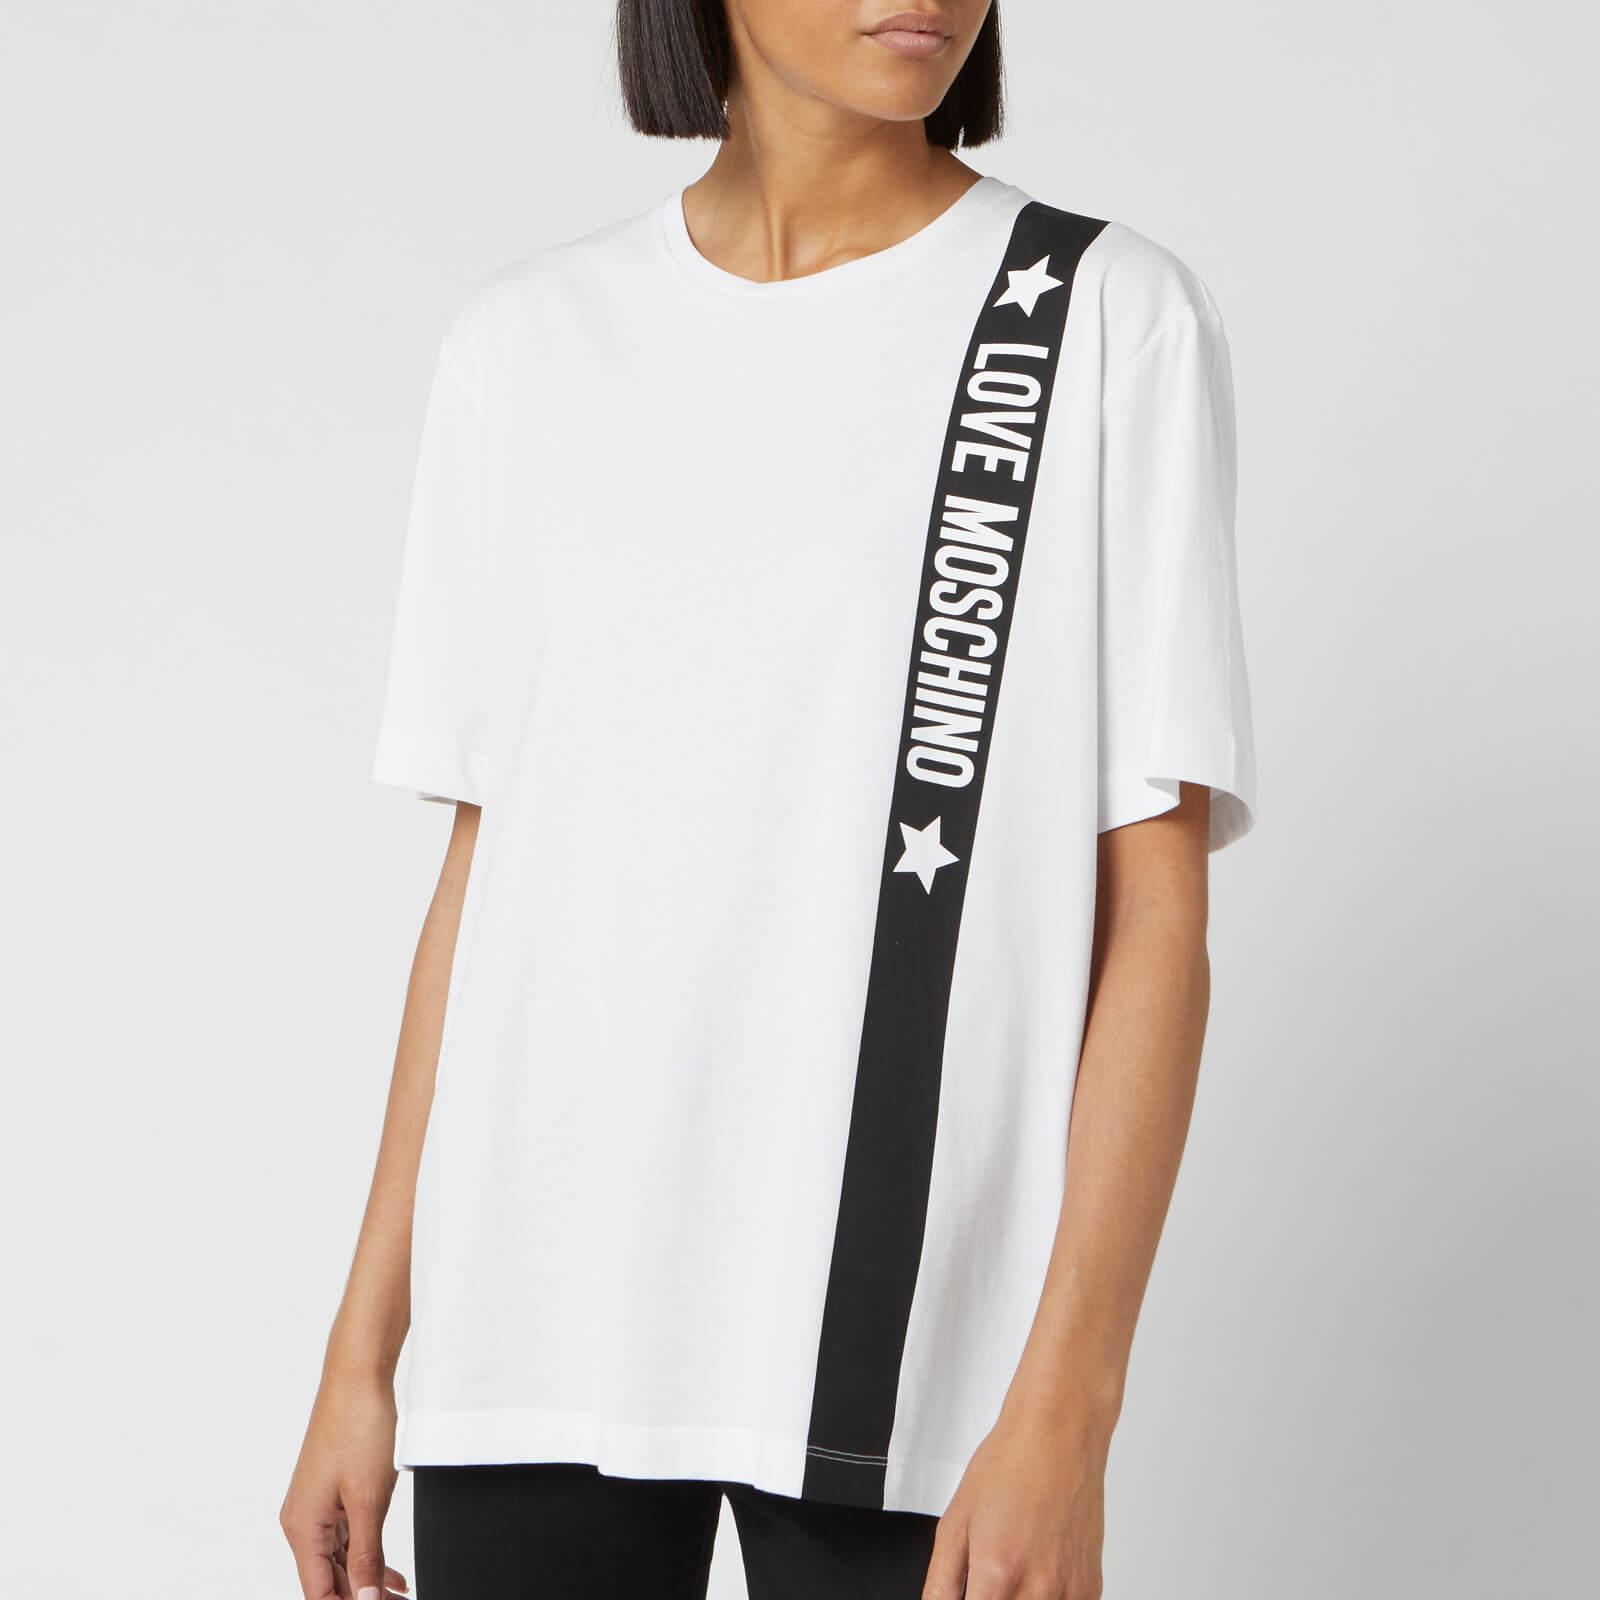 Moschino Love Moschino Women's Tape Logo T-Shirt - Optical White - IT 44/UK 12 - White